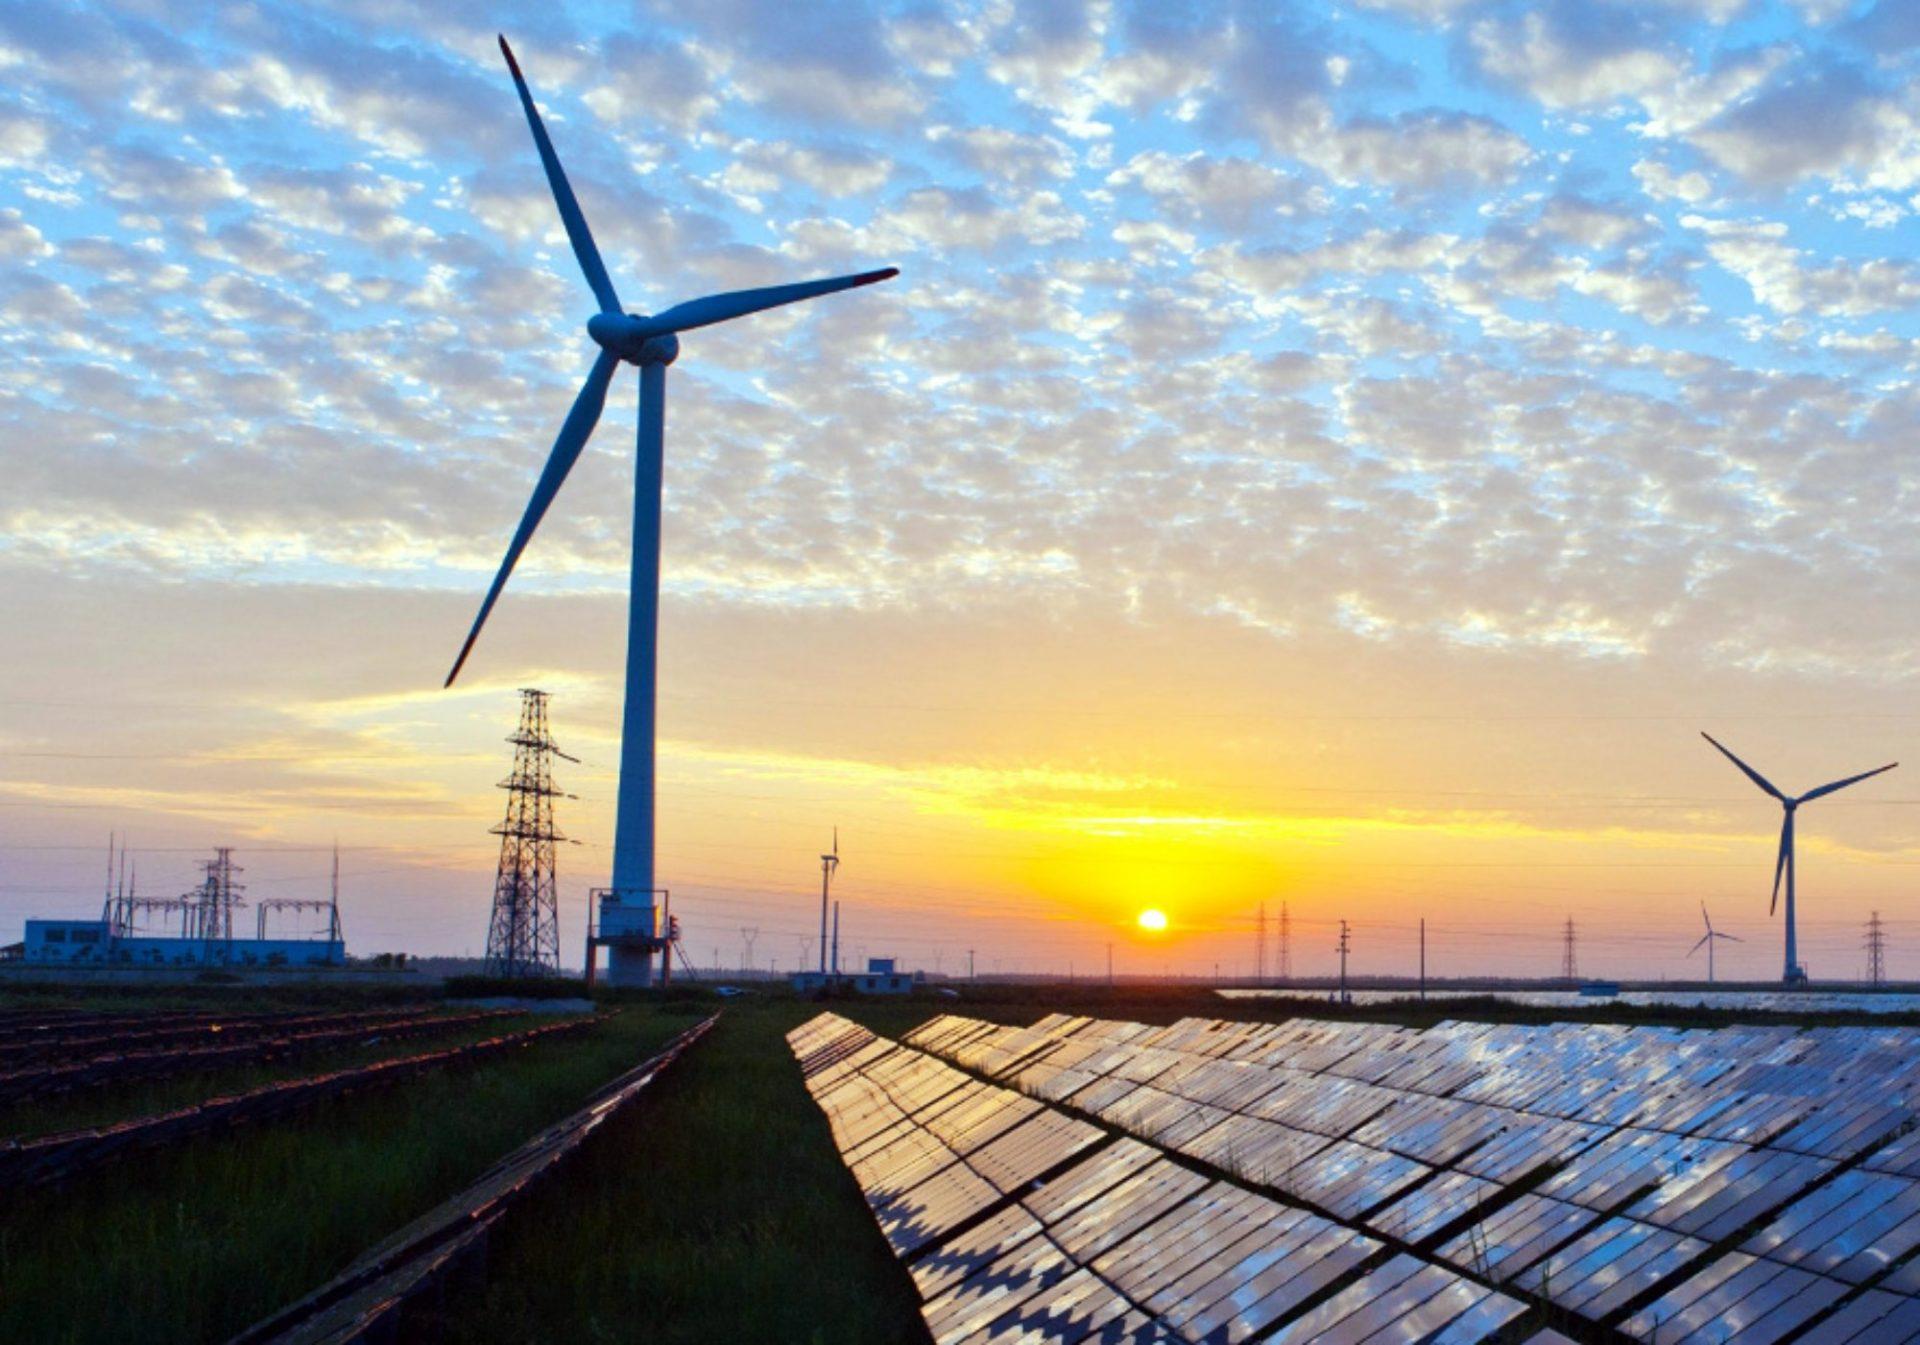 Bolsa de estudos para mestrado em Tecnologia de Sistemas de Energia Renovável no Reino Unido